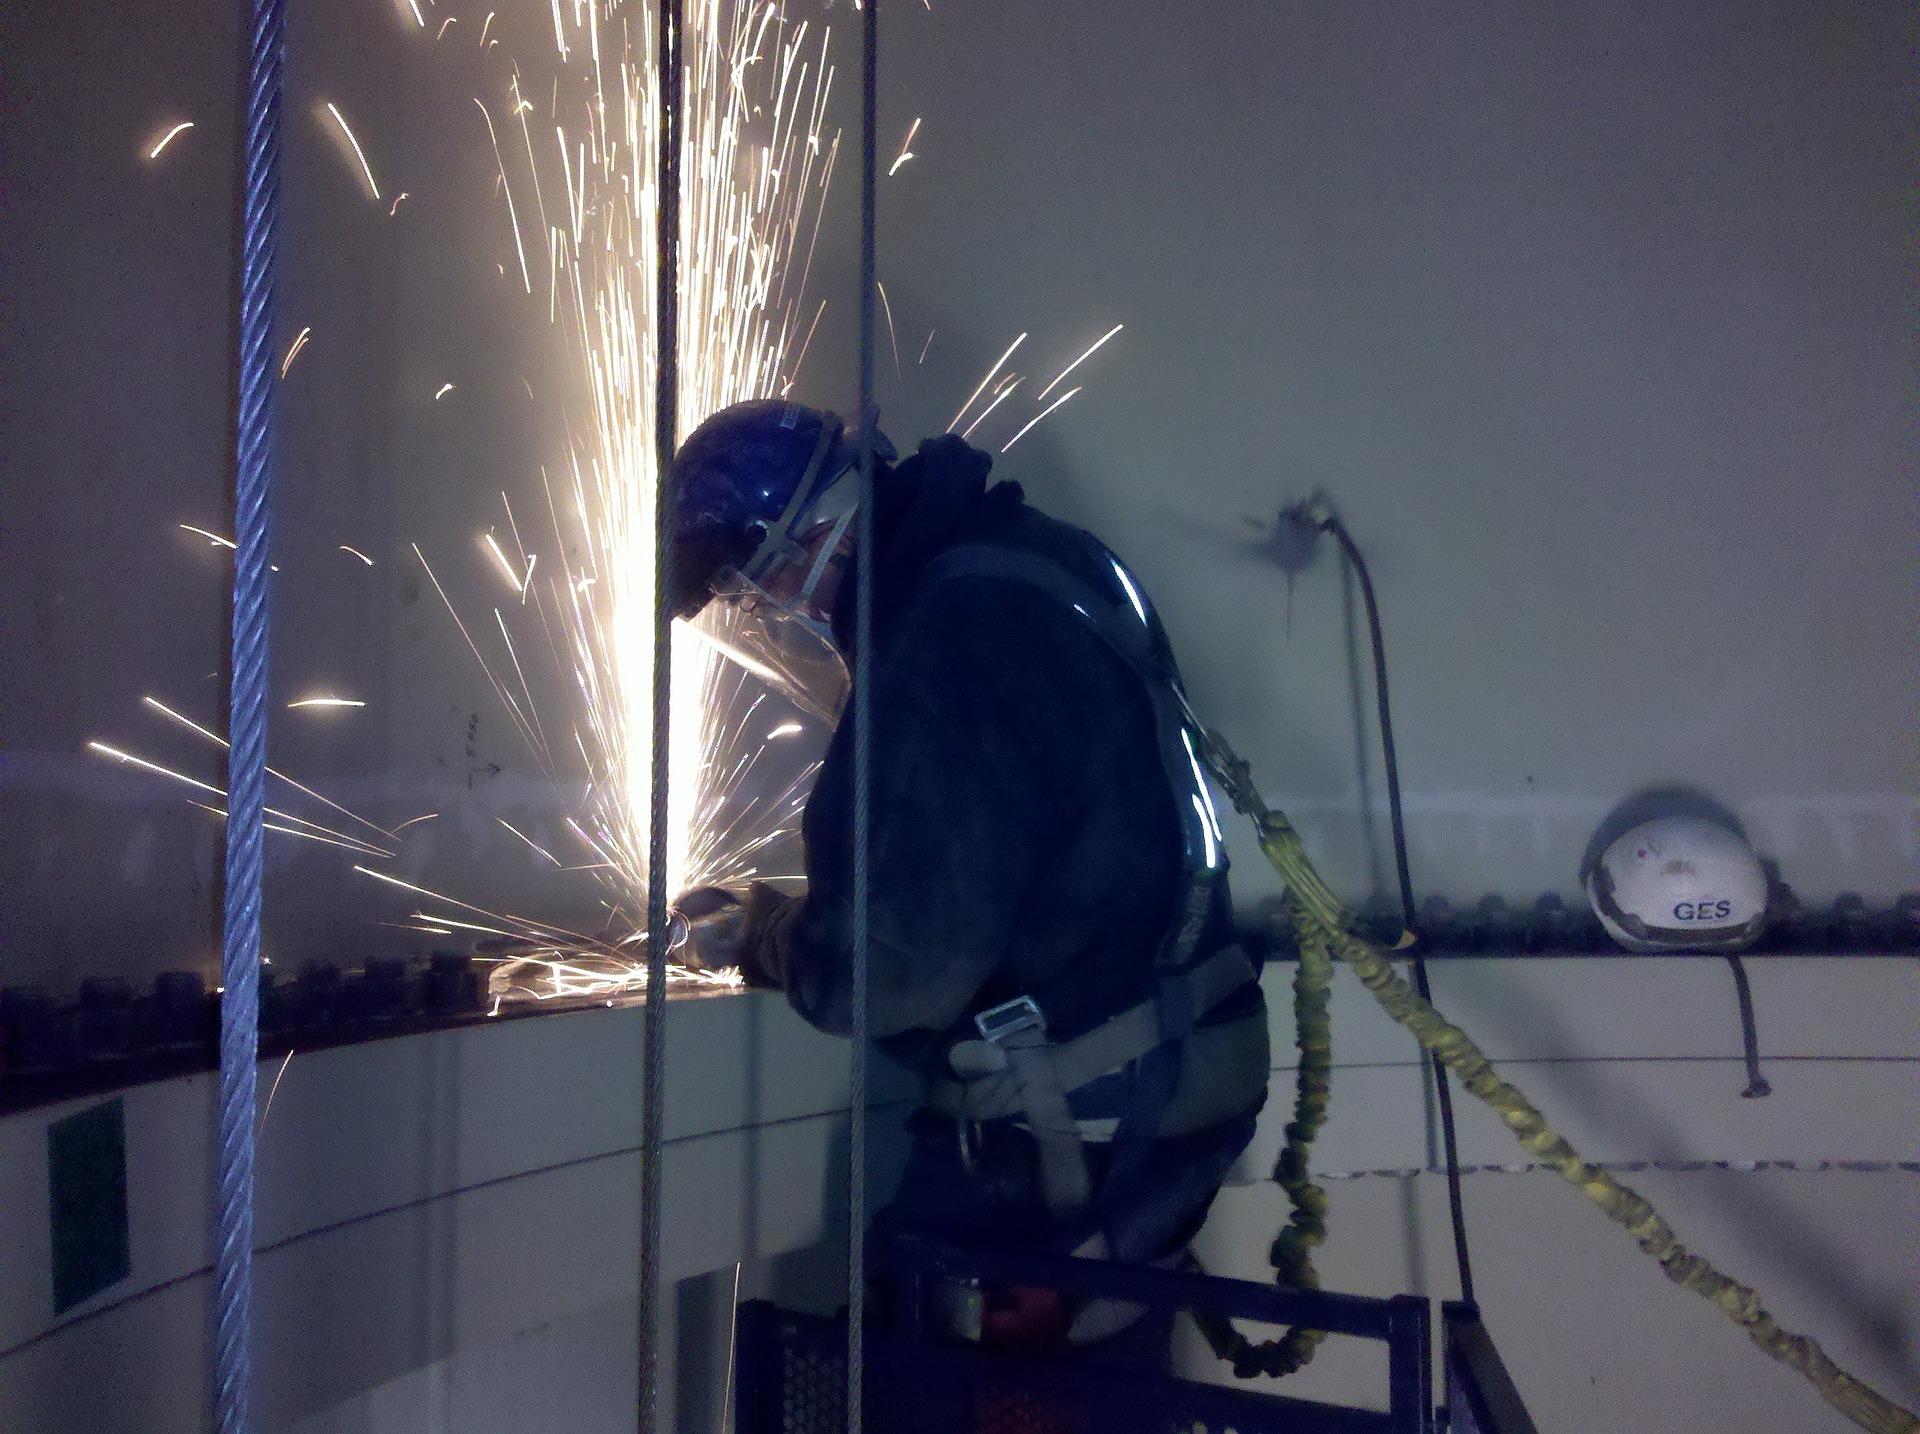 Szkolenie okresowe bhp dla spawaczy, ślusarzy, stolarzy i operatorów maszyn i urządzeń